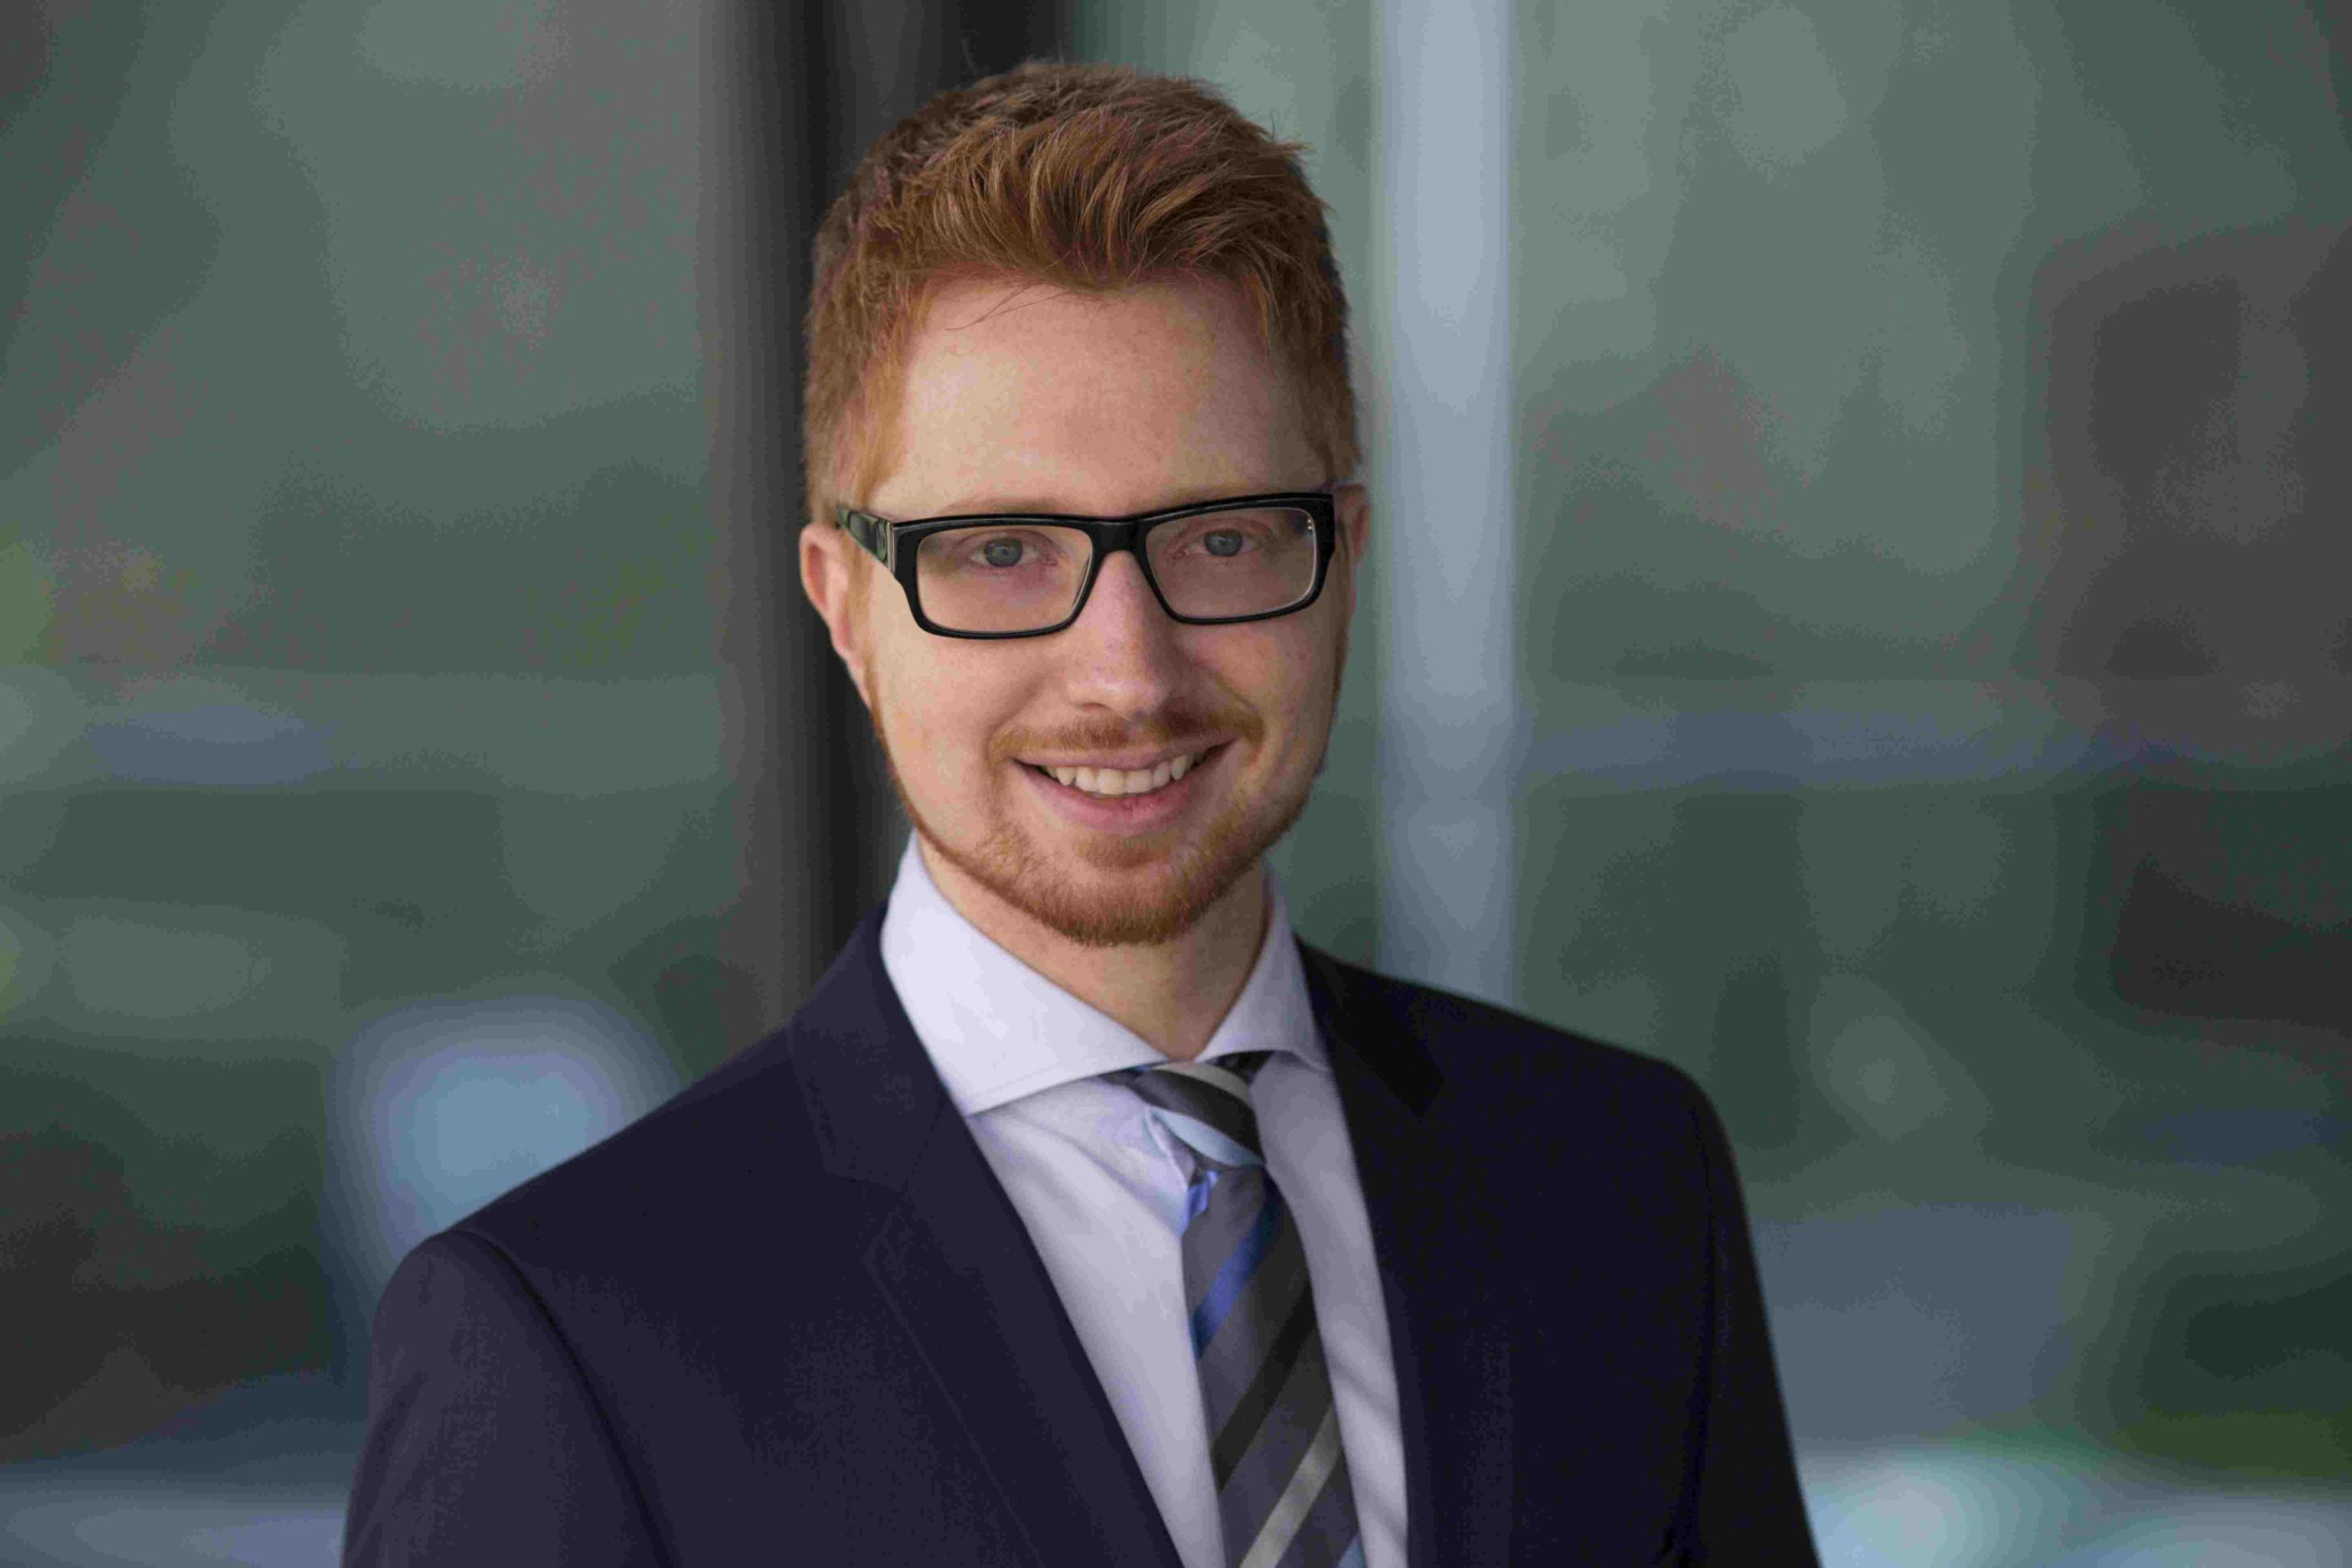 Profilfoto Daniel Röltgen